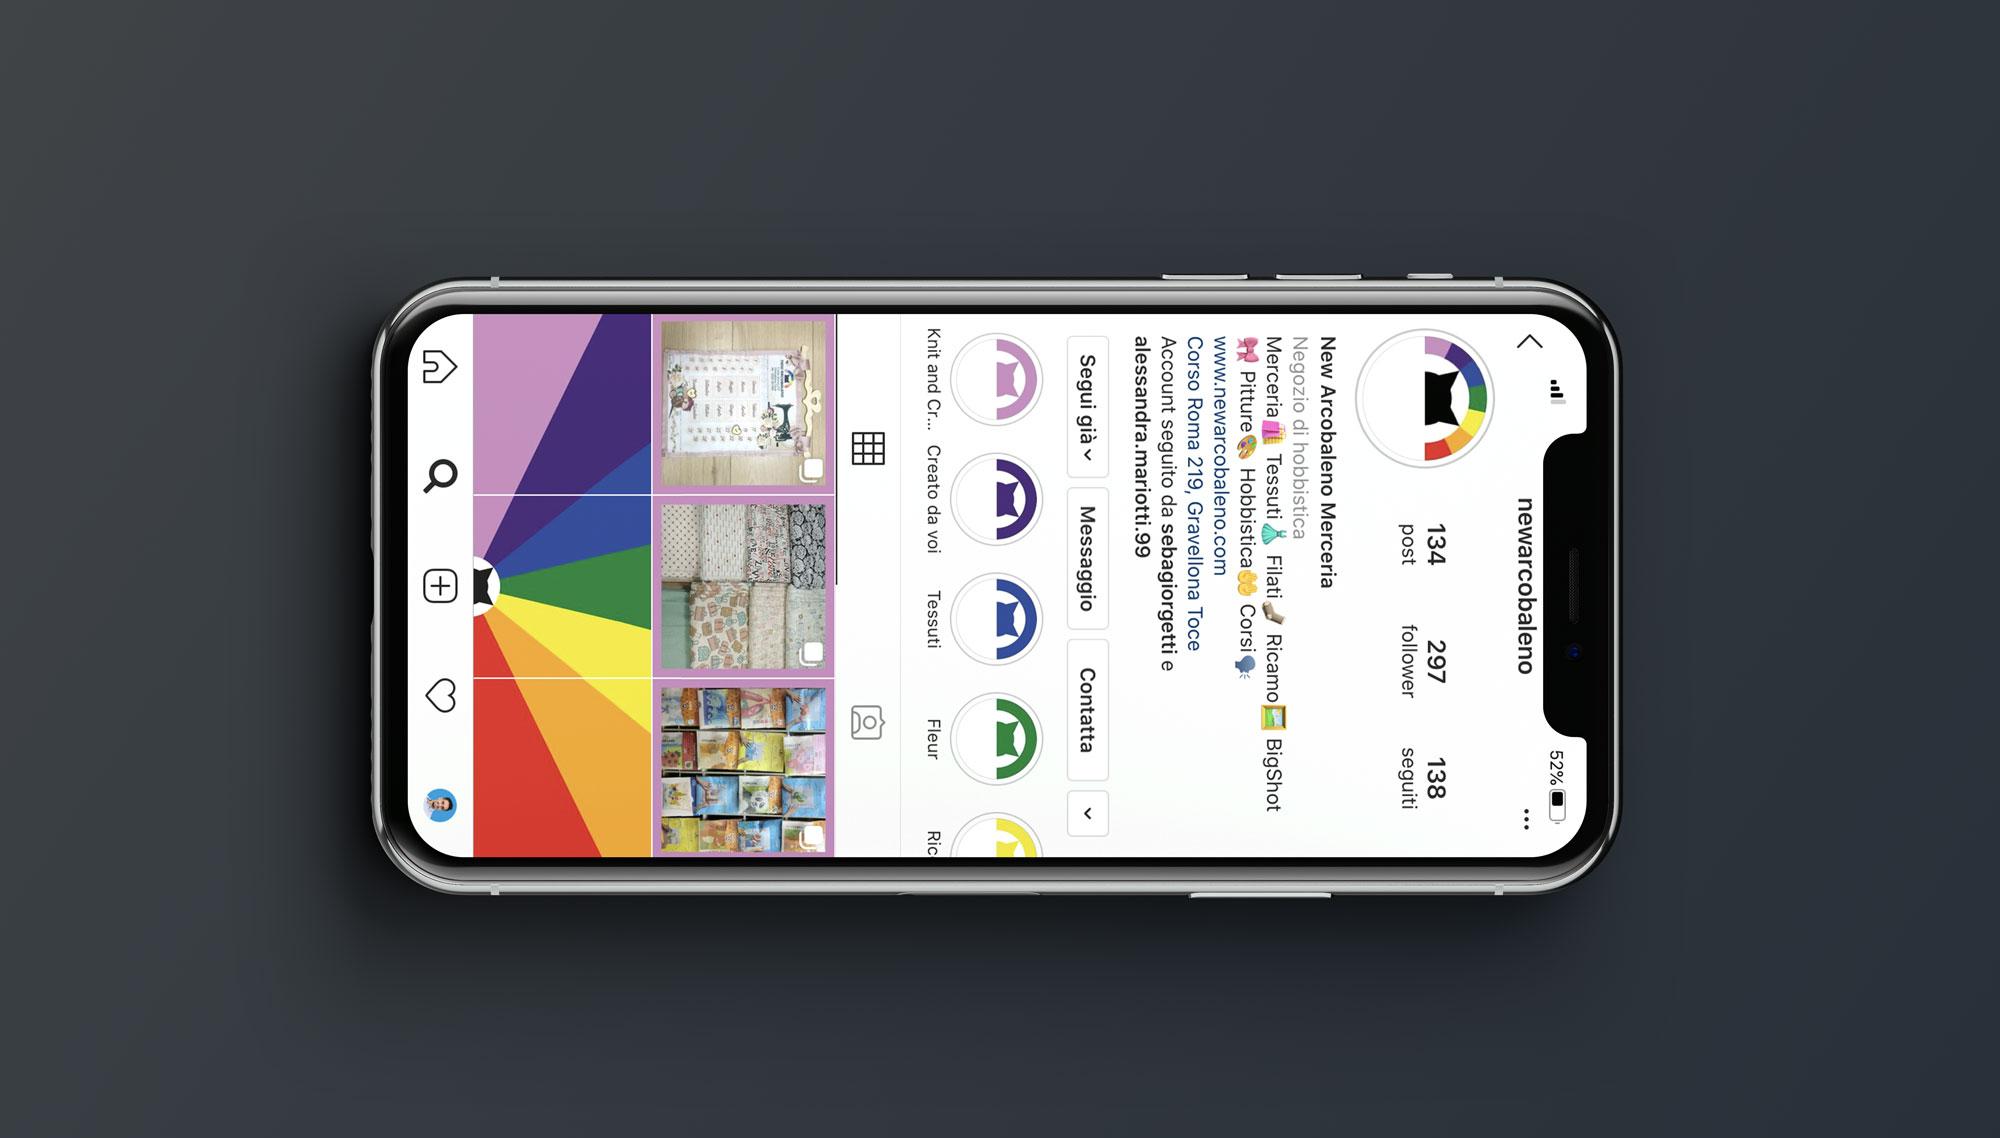 IPhone X con sullo schermo la pagina Instagram della merceria New Arcobaleno con la nuova brand identity